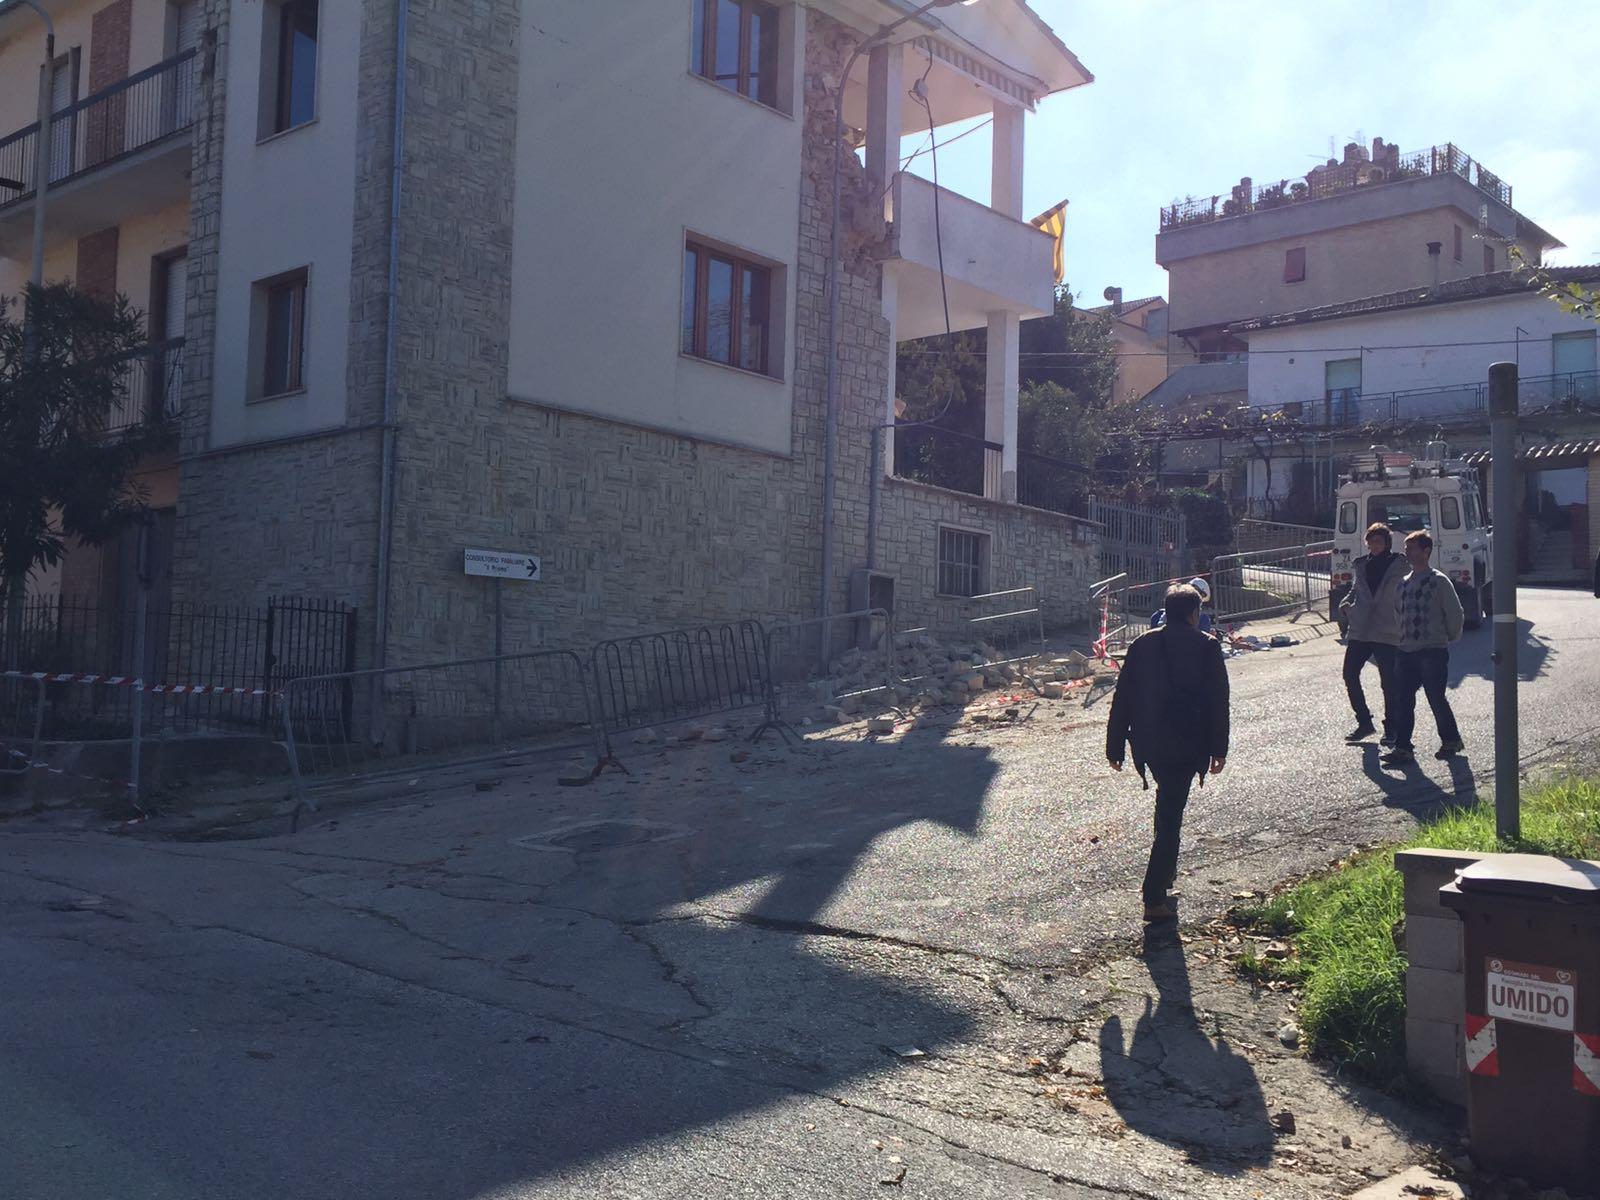 san_severino_marche_terremoto_30_ottobre_lg_07